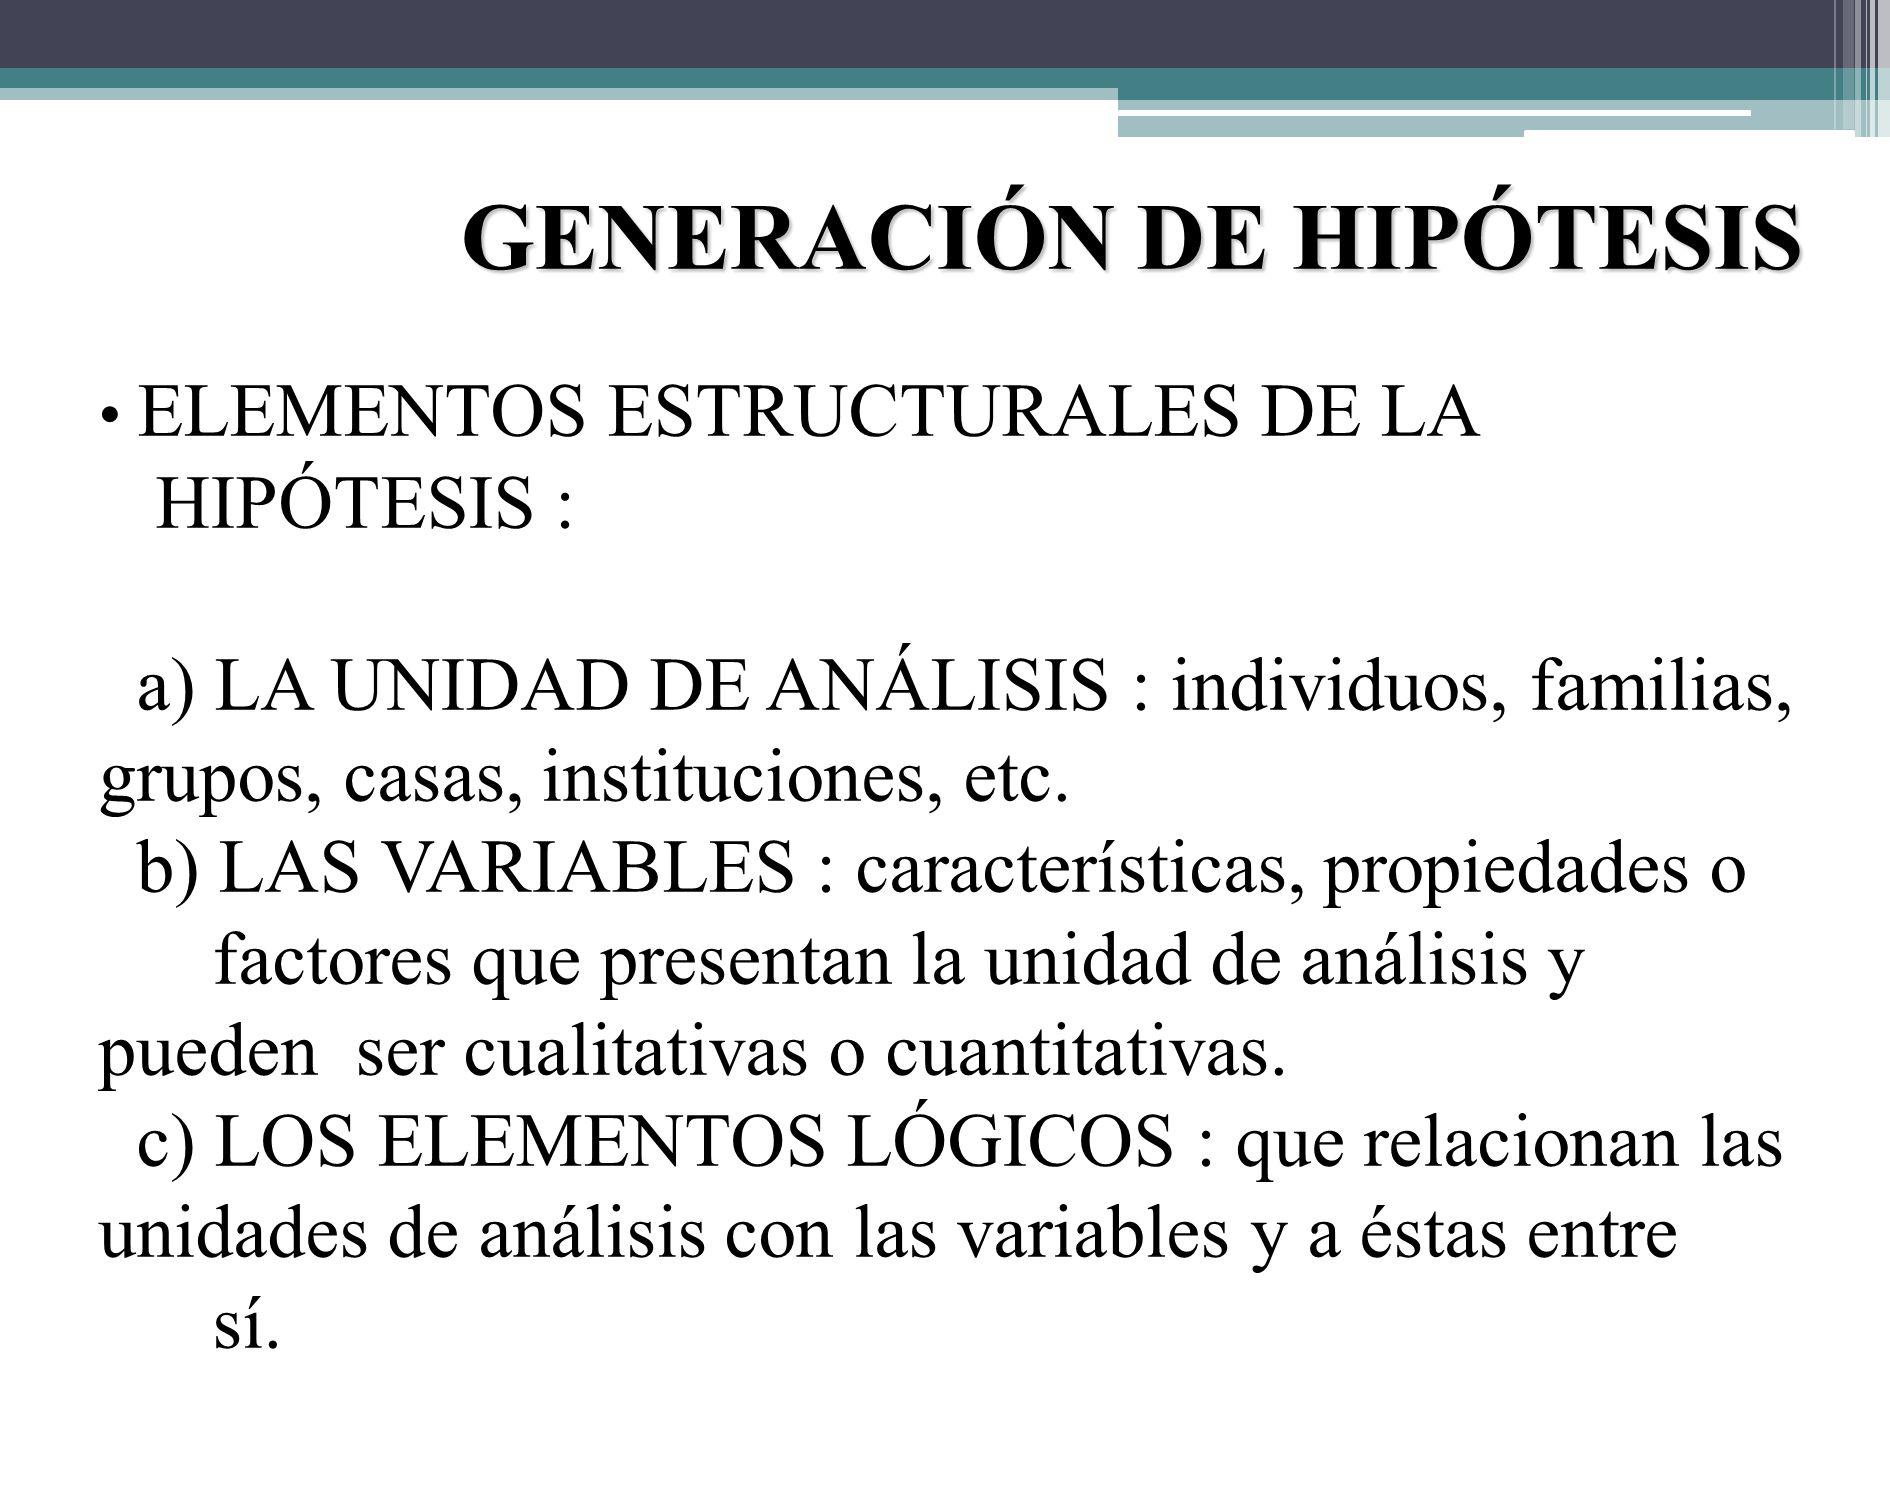 GENERACIÓN DE HIPÓTESIS 2) LA HIPÓTESIS DEDUCTIVA : Tienen como punto de partida leyes generales o teorías que se aplican a situaciones particulares.